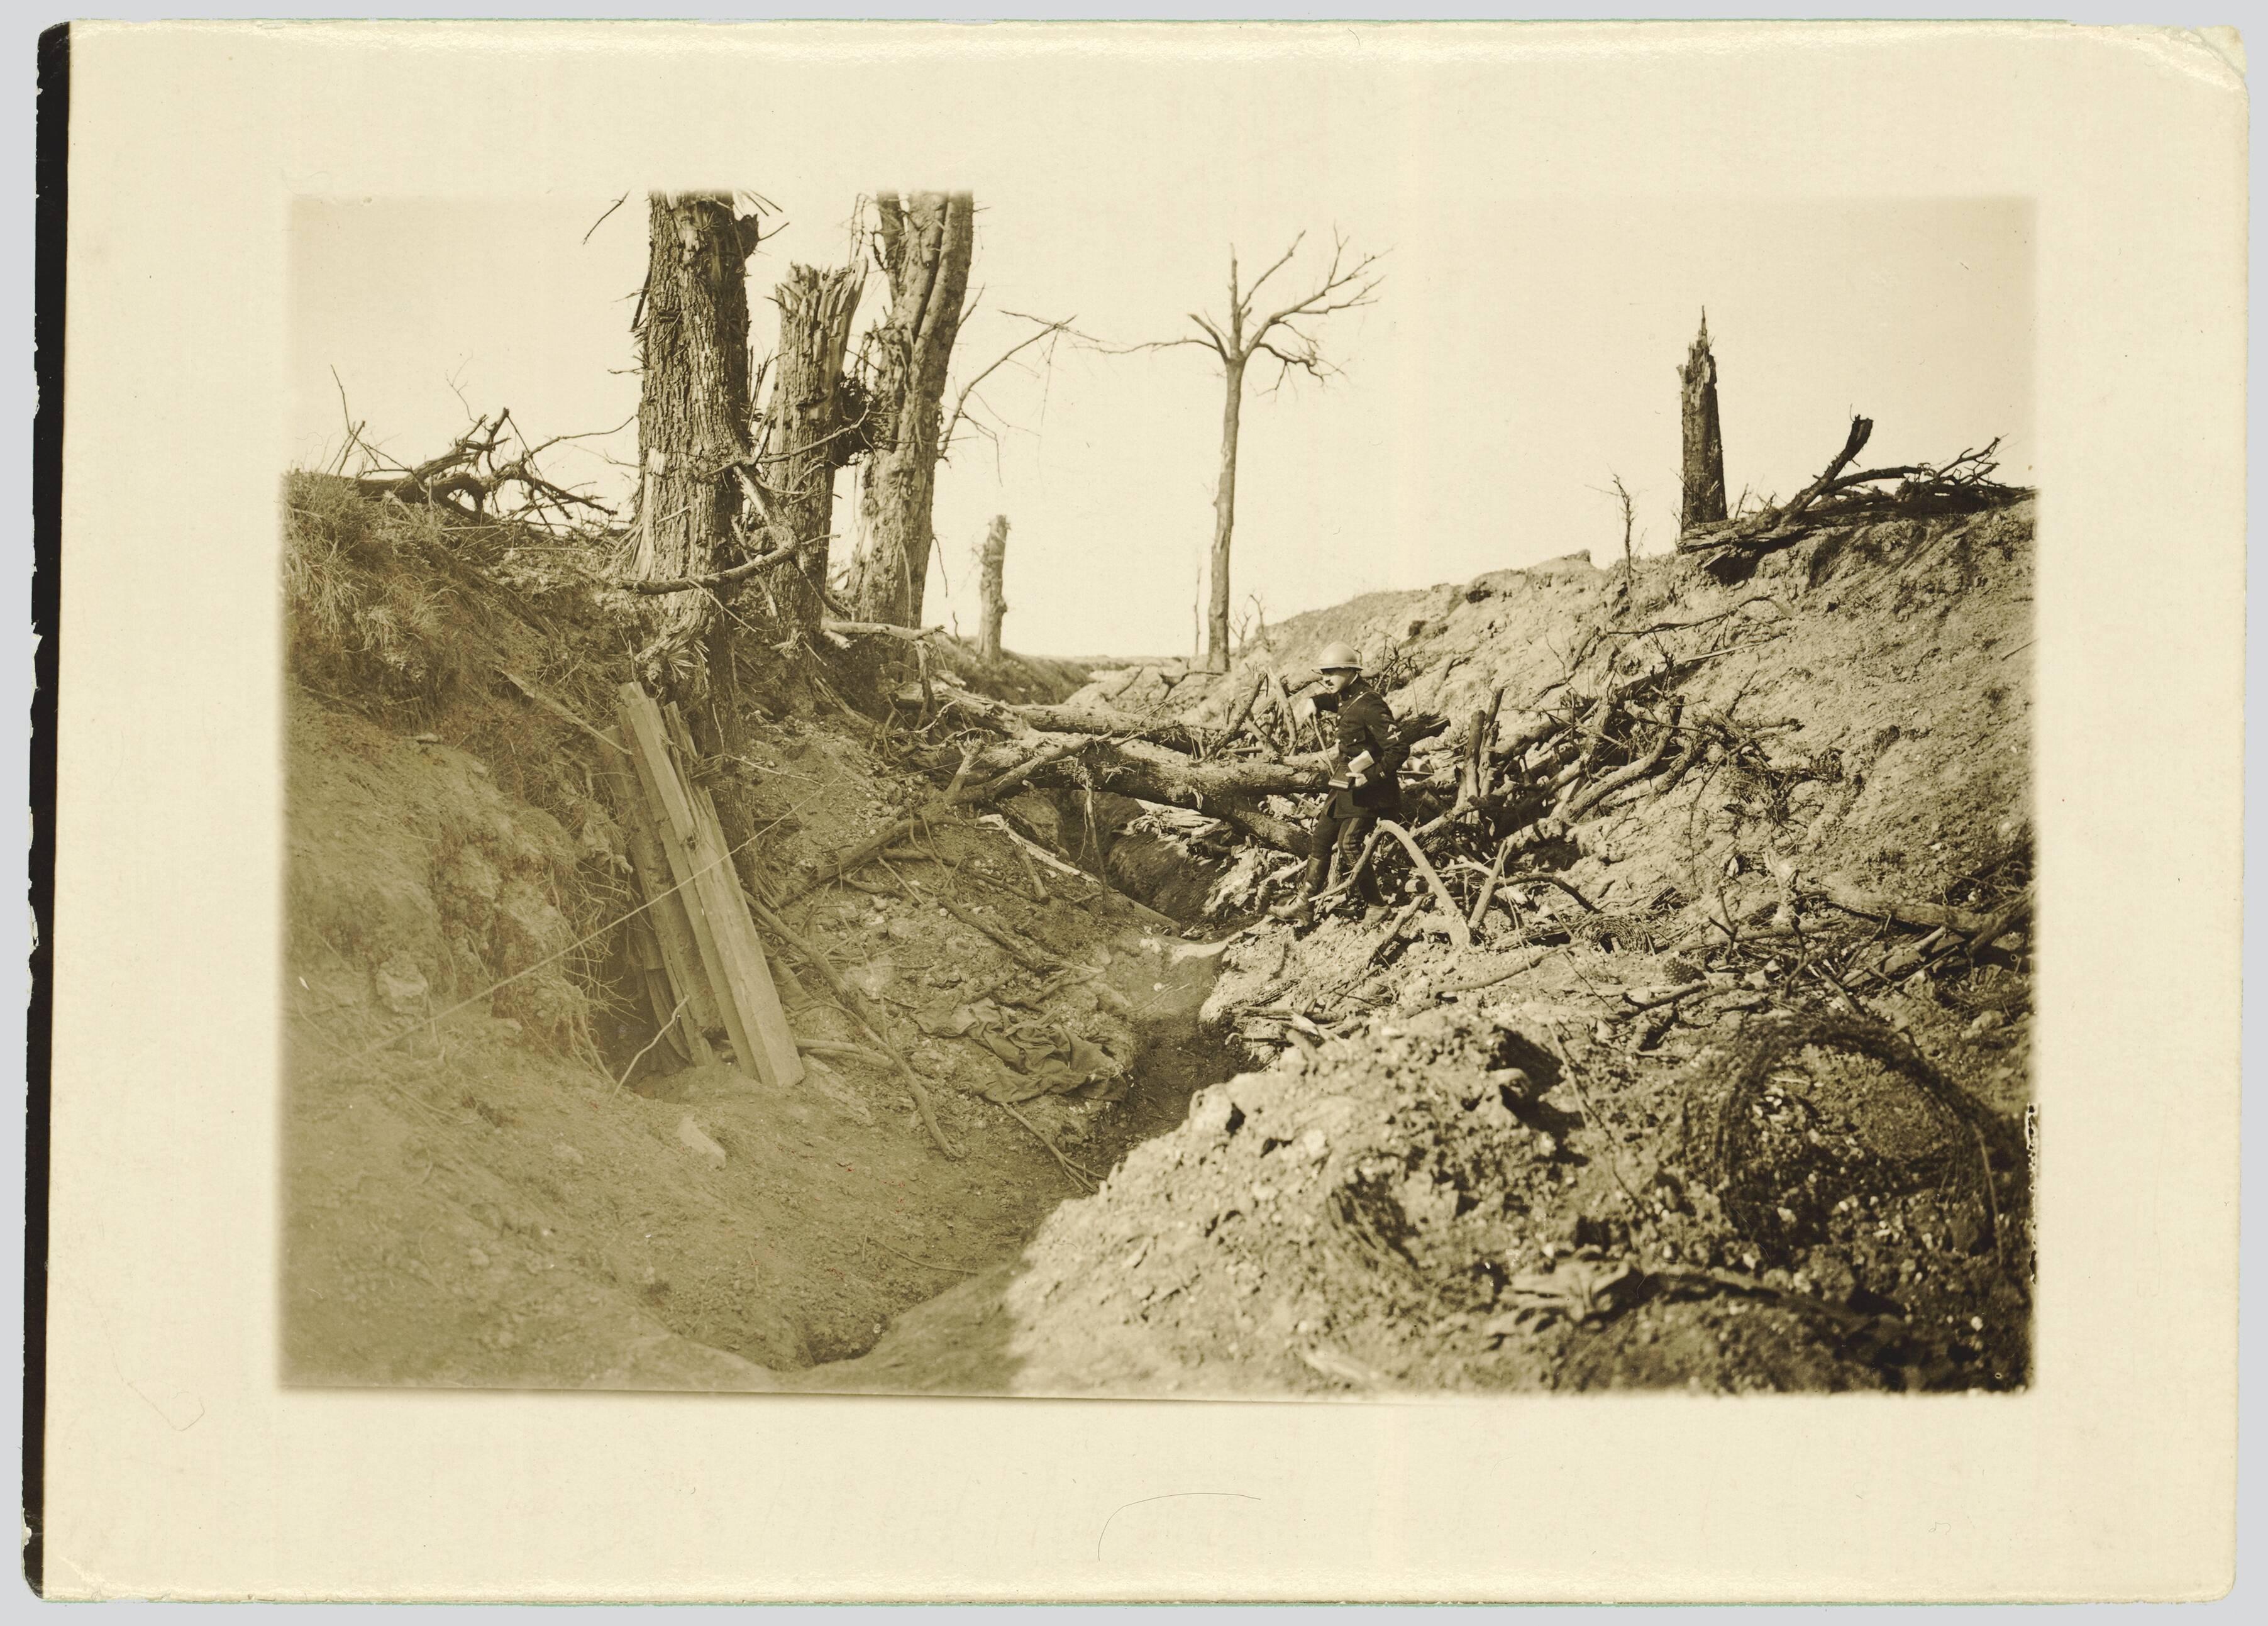 CHEMIN CREUX DE BERNY-EN-SANTERRE A BELLOY-EN-SANTERRE A 500 METRES AU NORD DE BERNY-EN-SANTERRE. SEPTEMBRE 1916